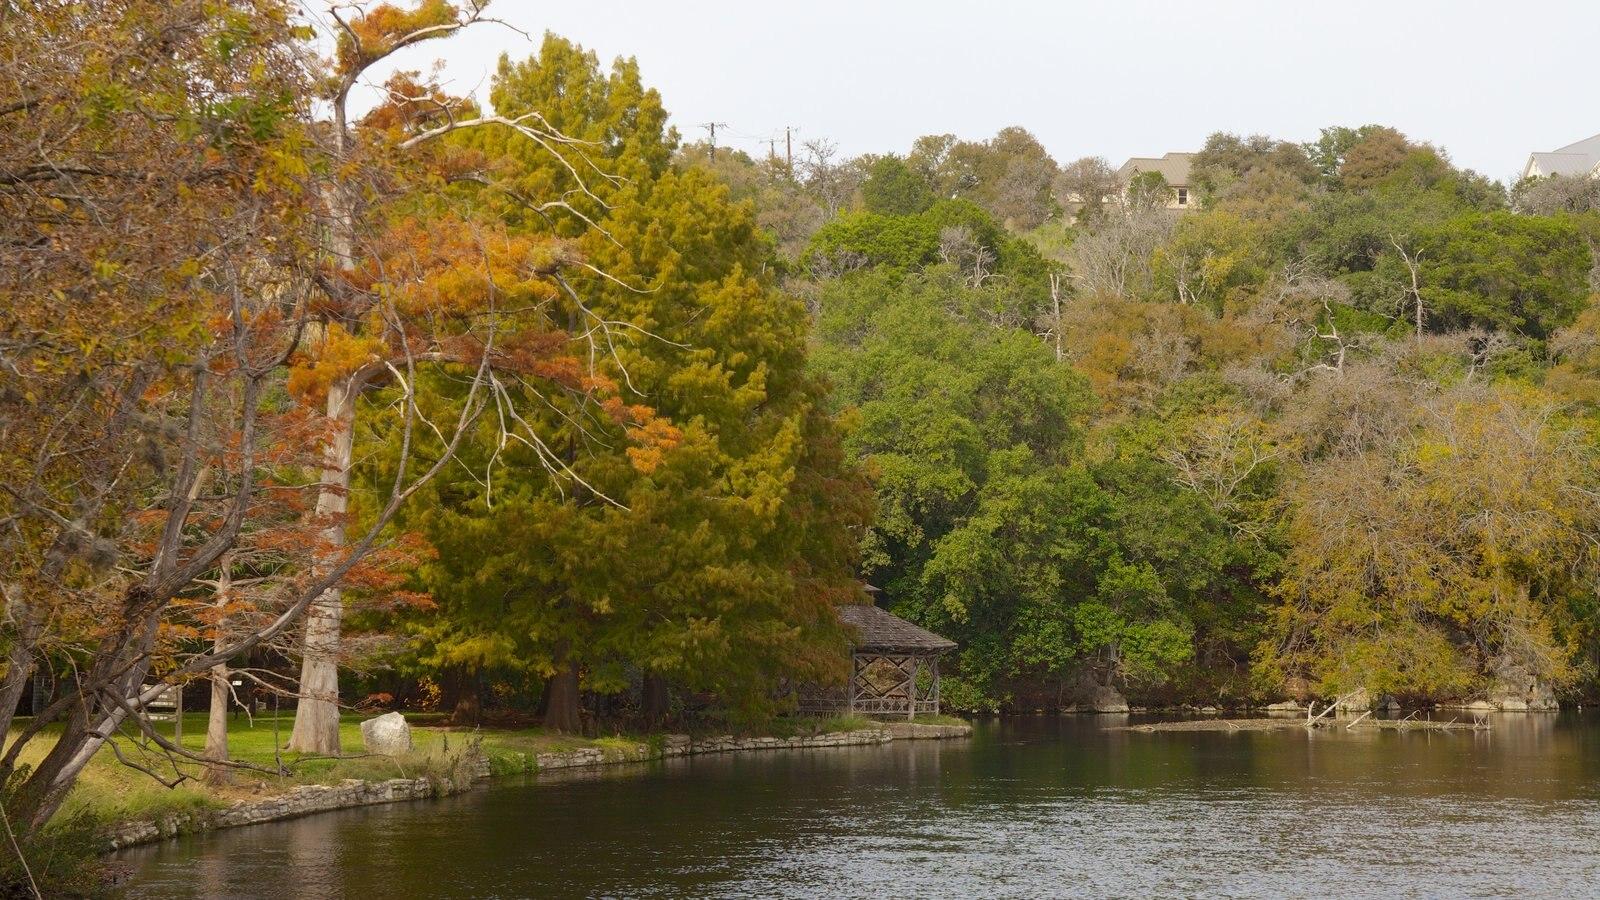 Landscape Pictures: View Images of San Antonio